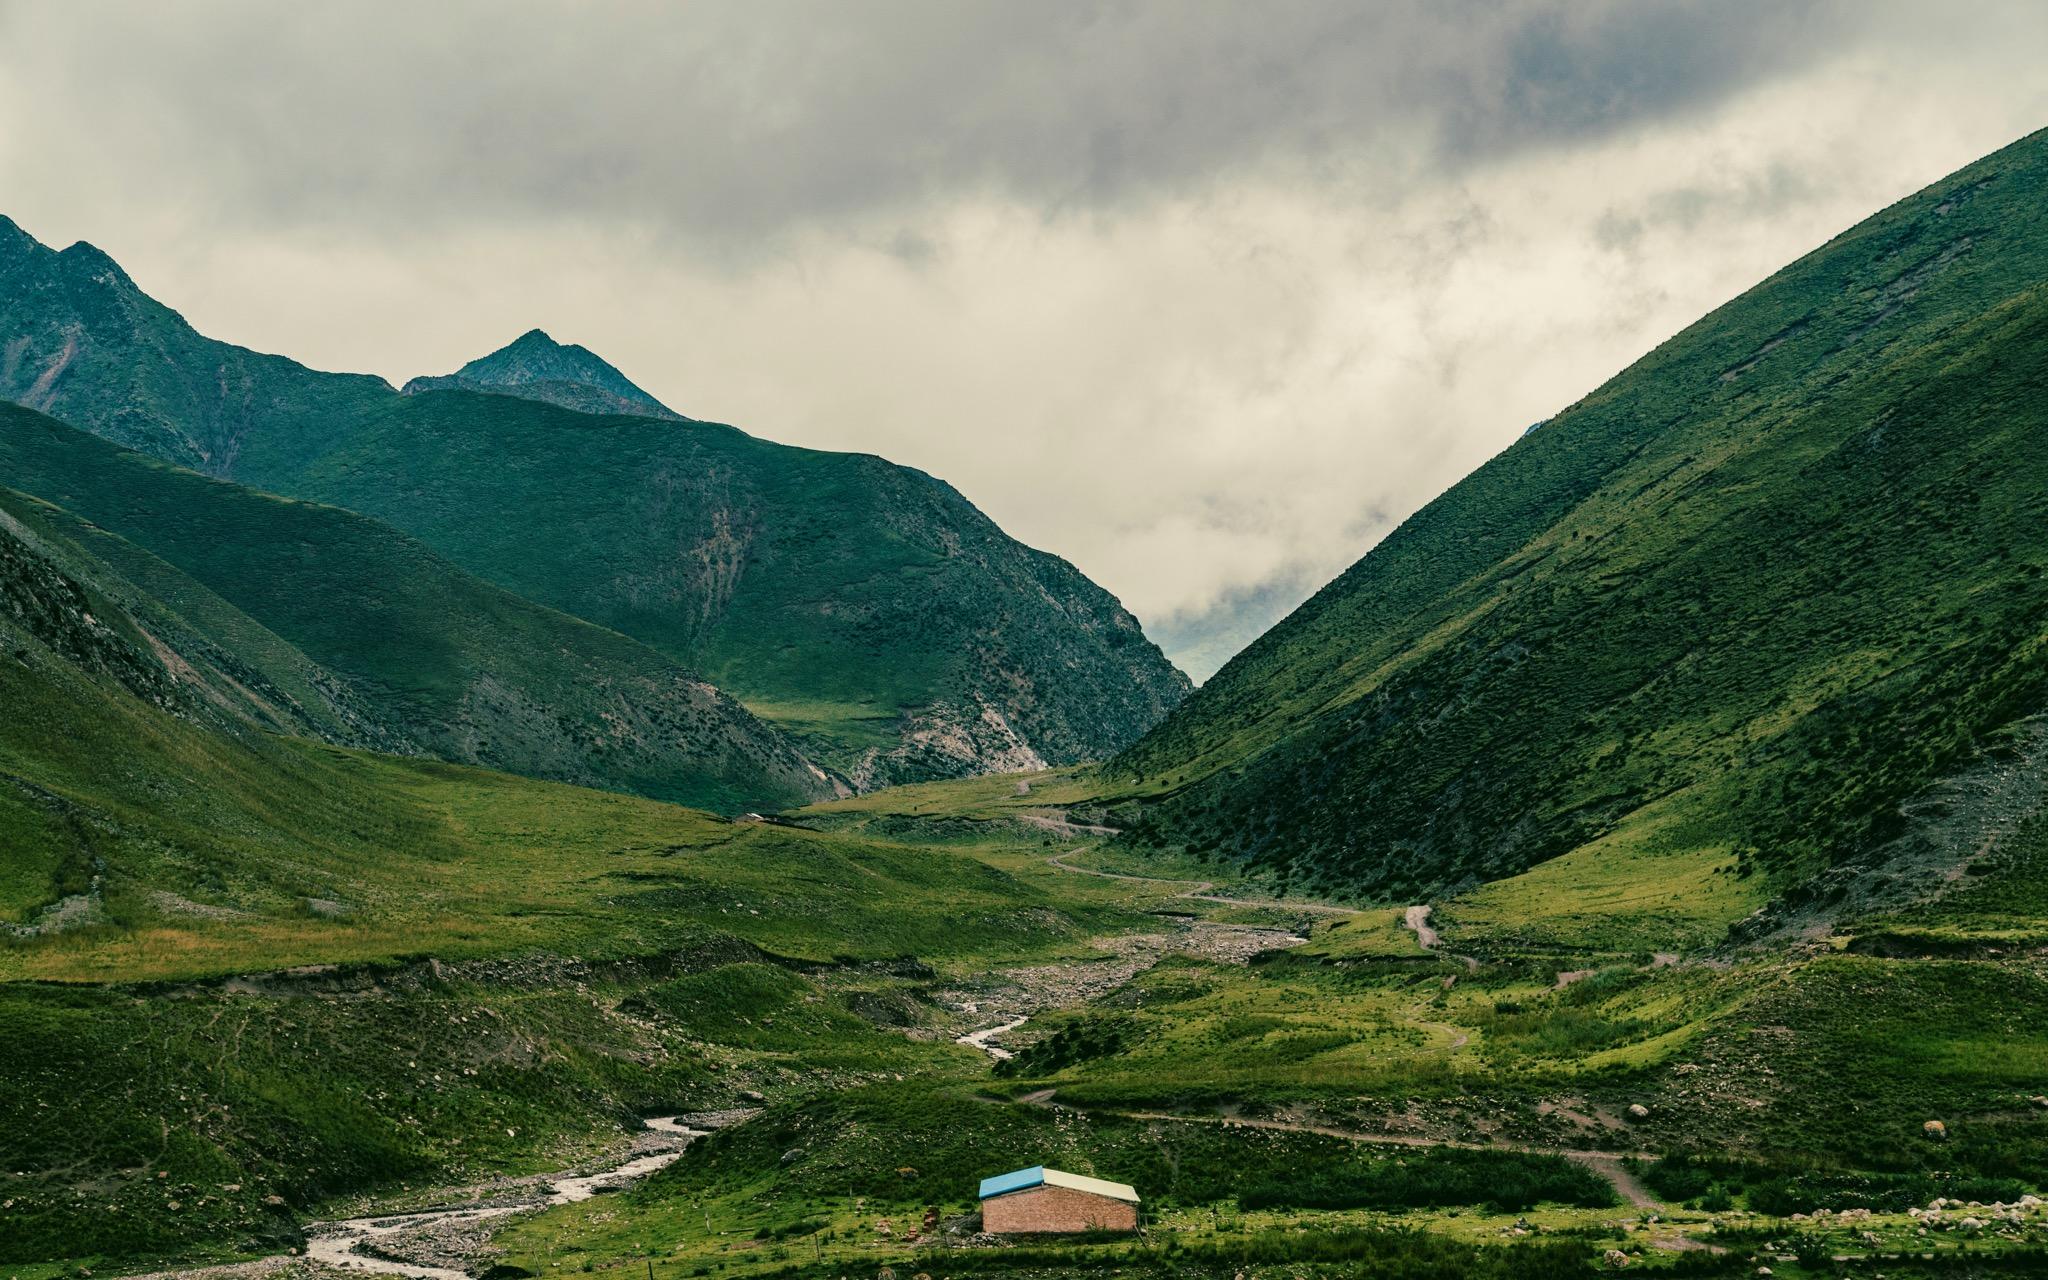 拉脊山路沿途风景